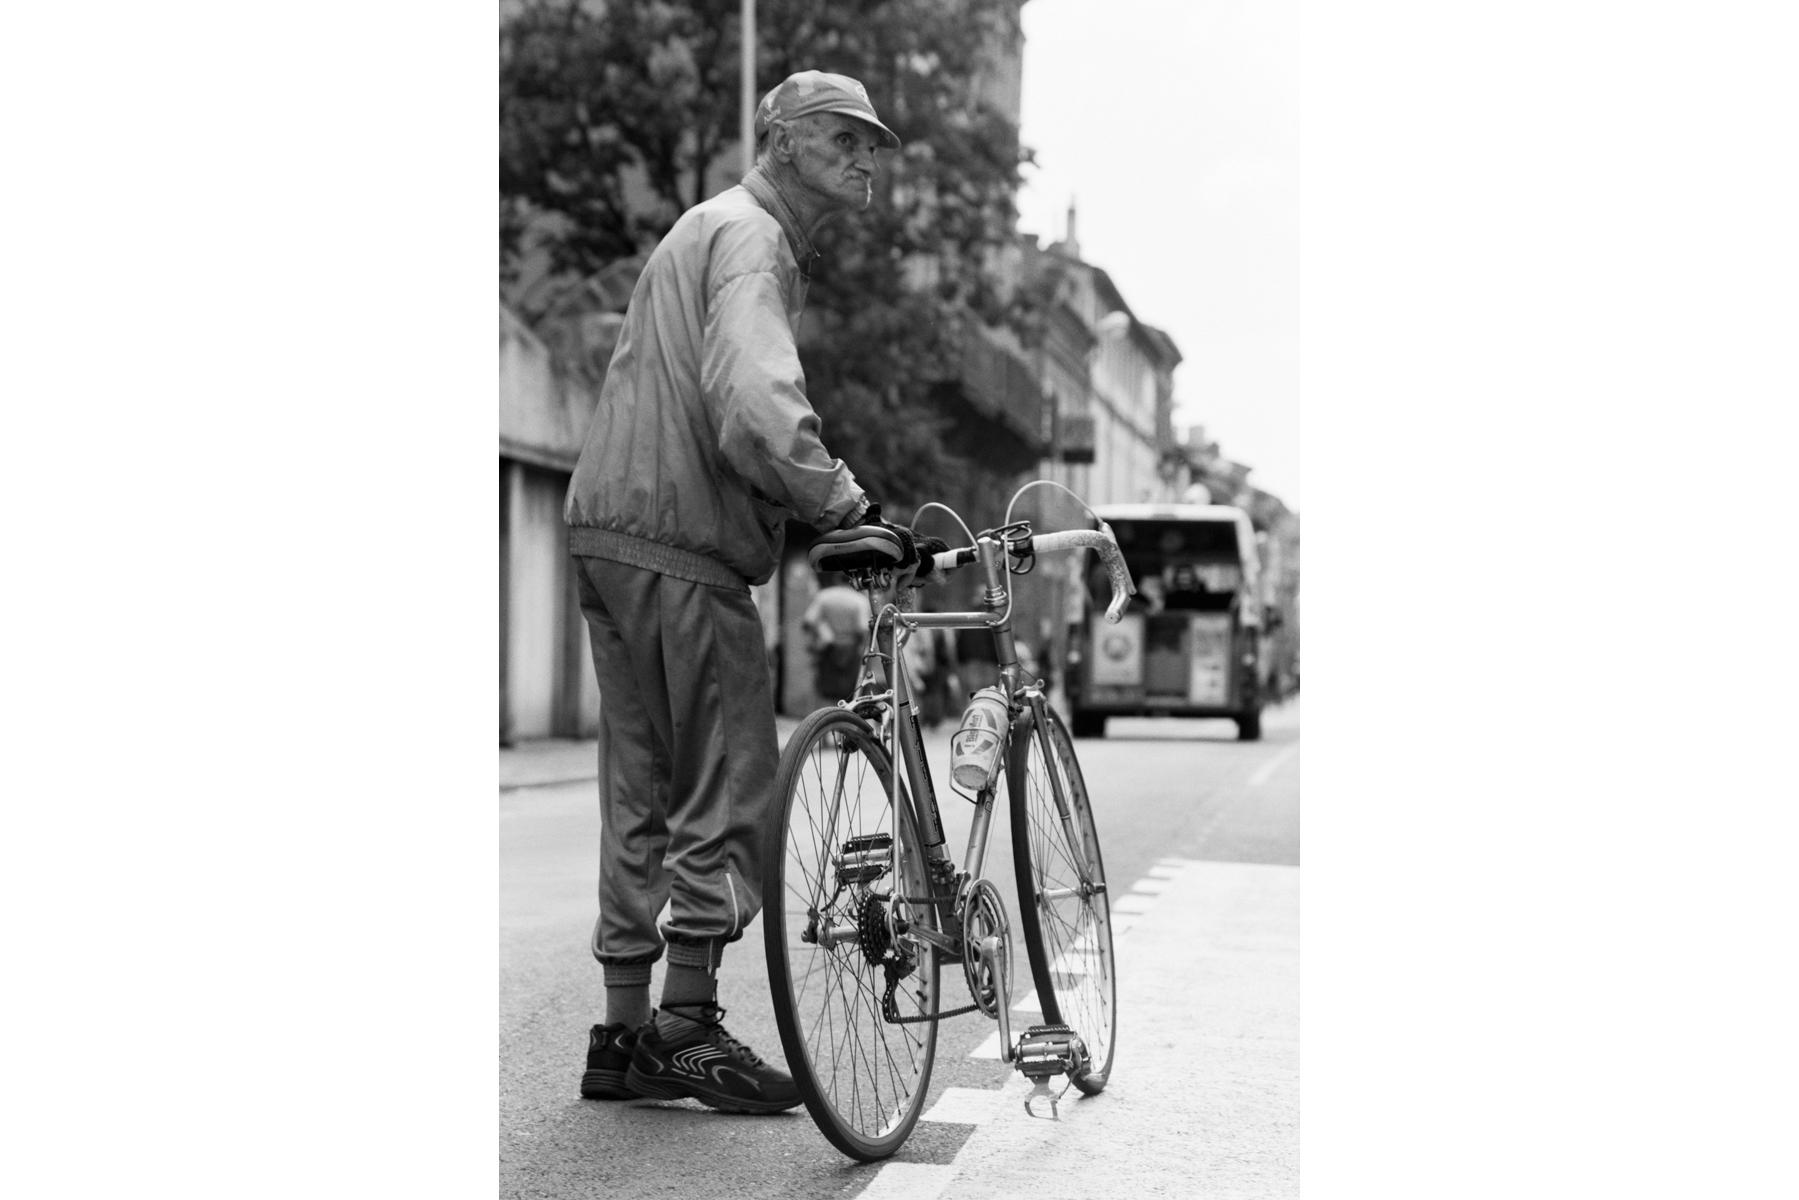 Le Tour de France 2007 Despite various scandals, the impression remains, that the Tour de France will continue being an important part of French summers. Malgré divers scandales, le Tour reste en France un rendez-vous sportif incontournable de l'été. Manches bleibt gleich, trotz diverser Skandale – der Eindruck, dass die Tour de France ein fester Bestandteil des französischen Sommers ist und bleibt. A pesar de algunos escándalos, el Tour de Francia es un hito en los acontecimientos deportivos del verano francés.